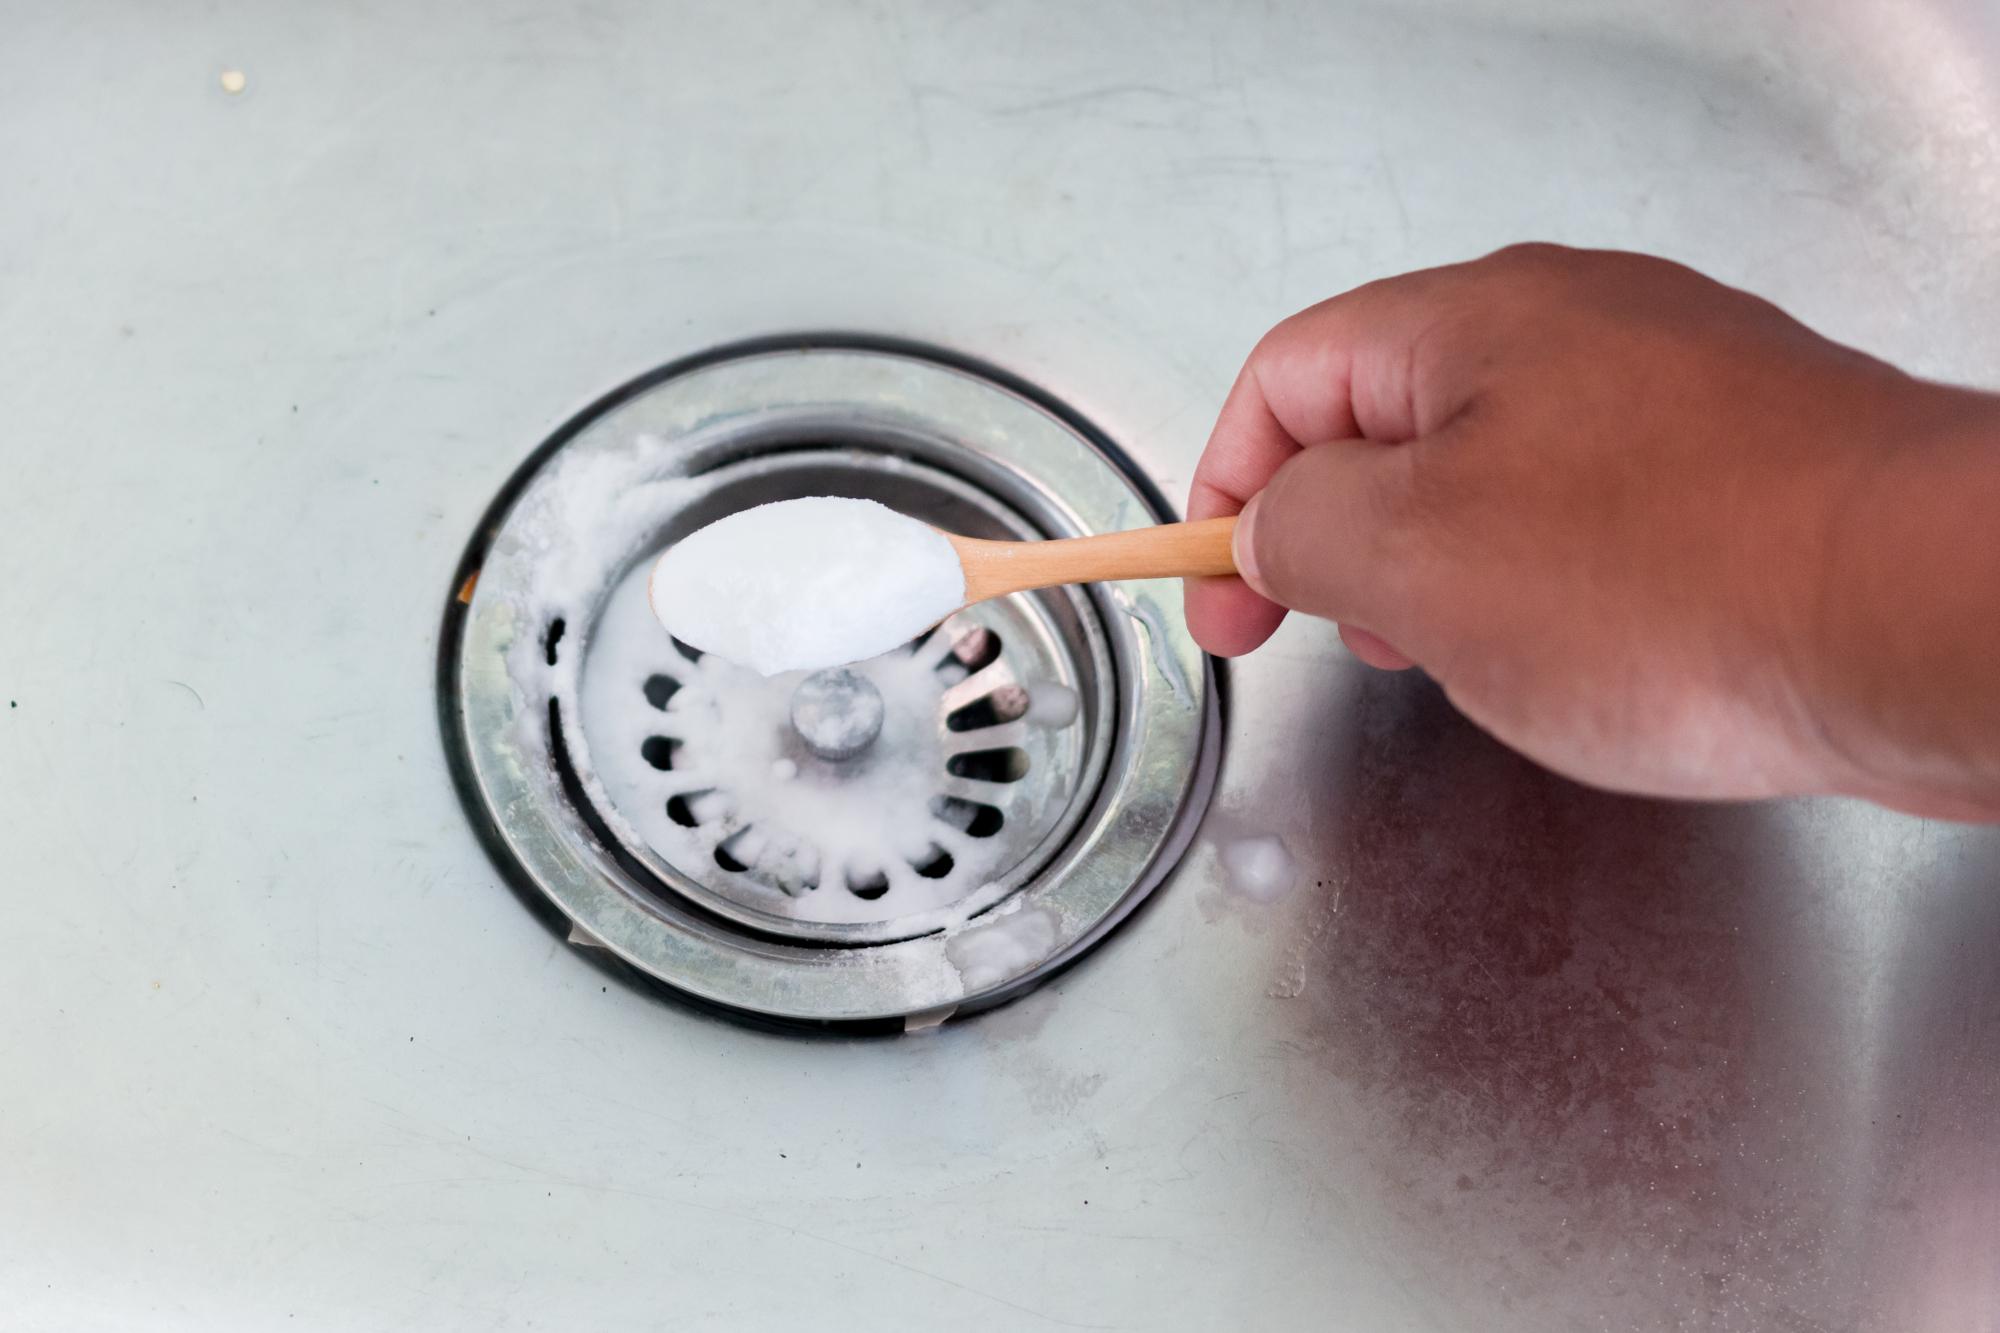 schoonmaken natuurlijke schoonmaakmiddelen soda natriumcarbonaat natriumbicarbonaat baksoda citroen groene zeep koffiedik heet water azijn schoonmaakazijn